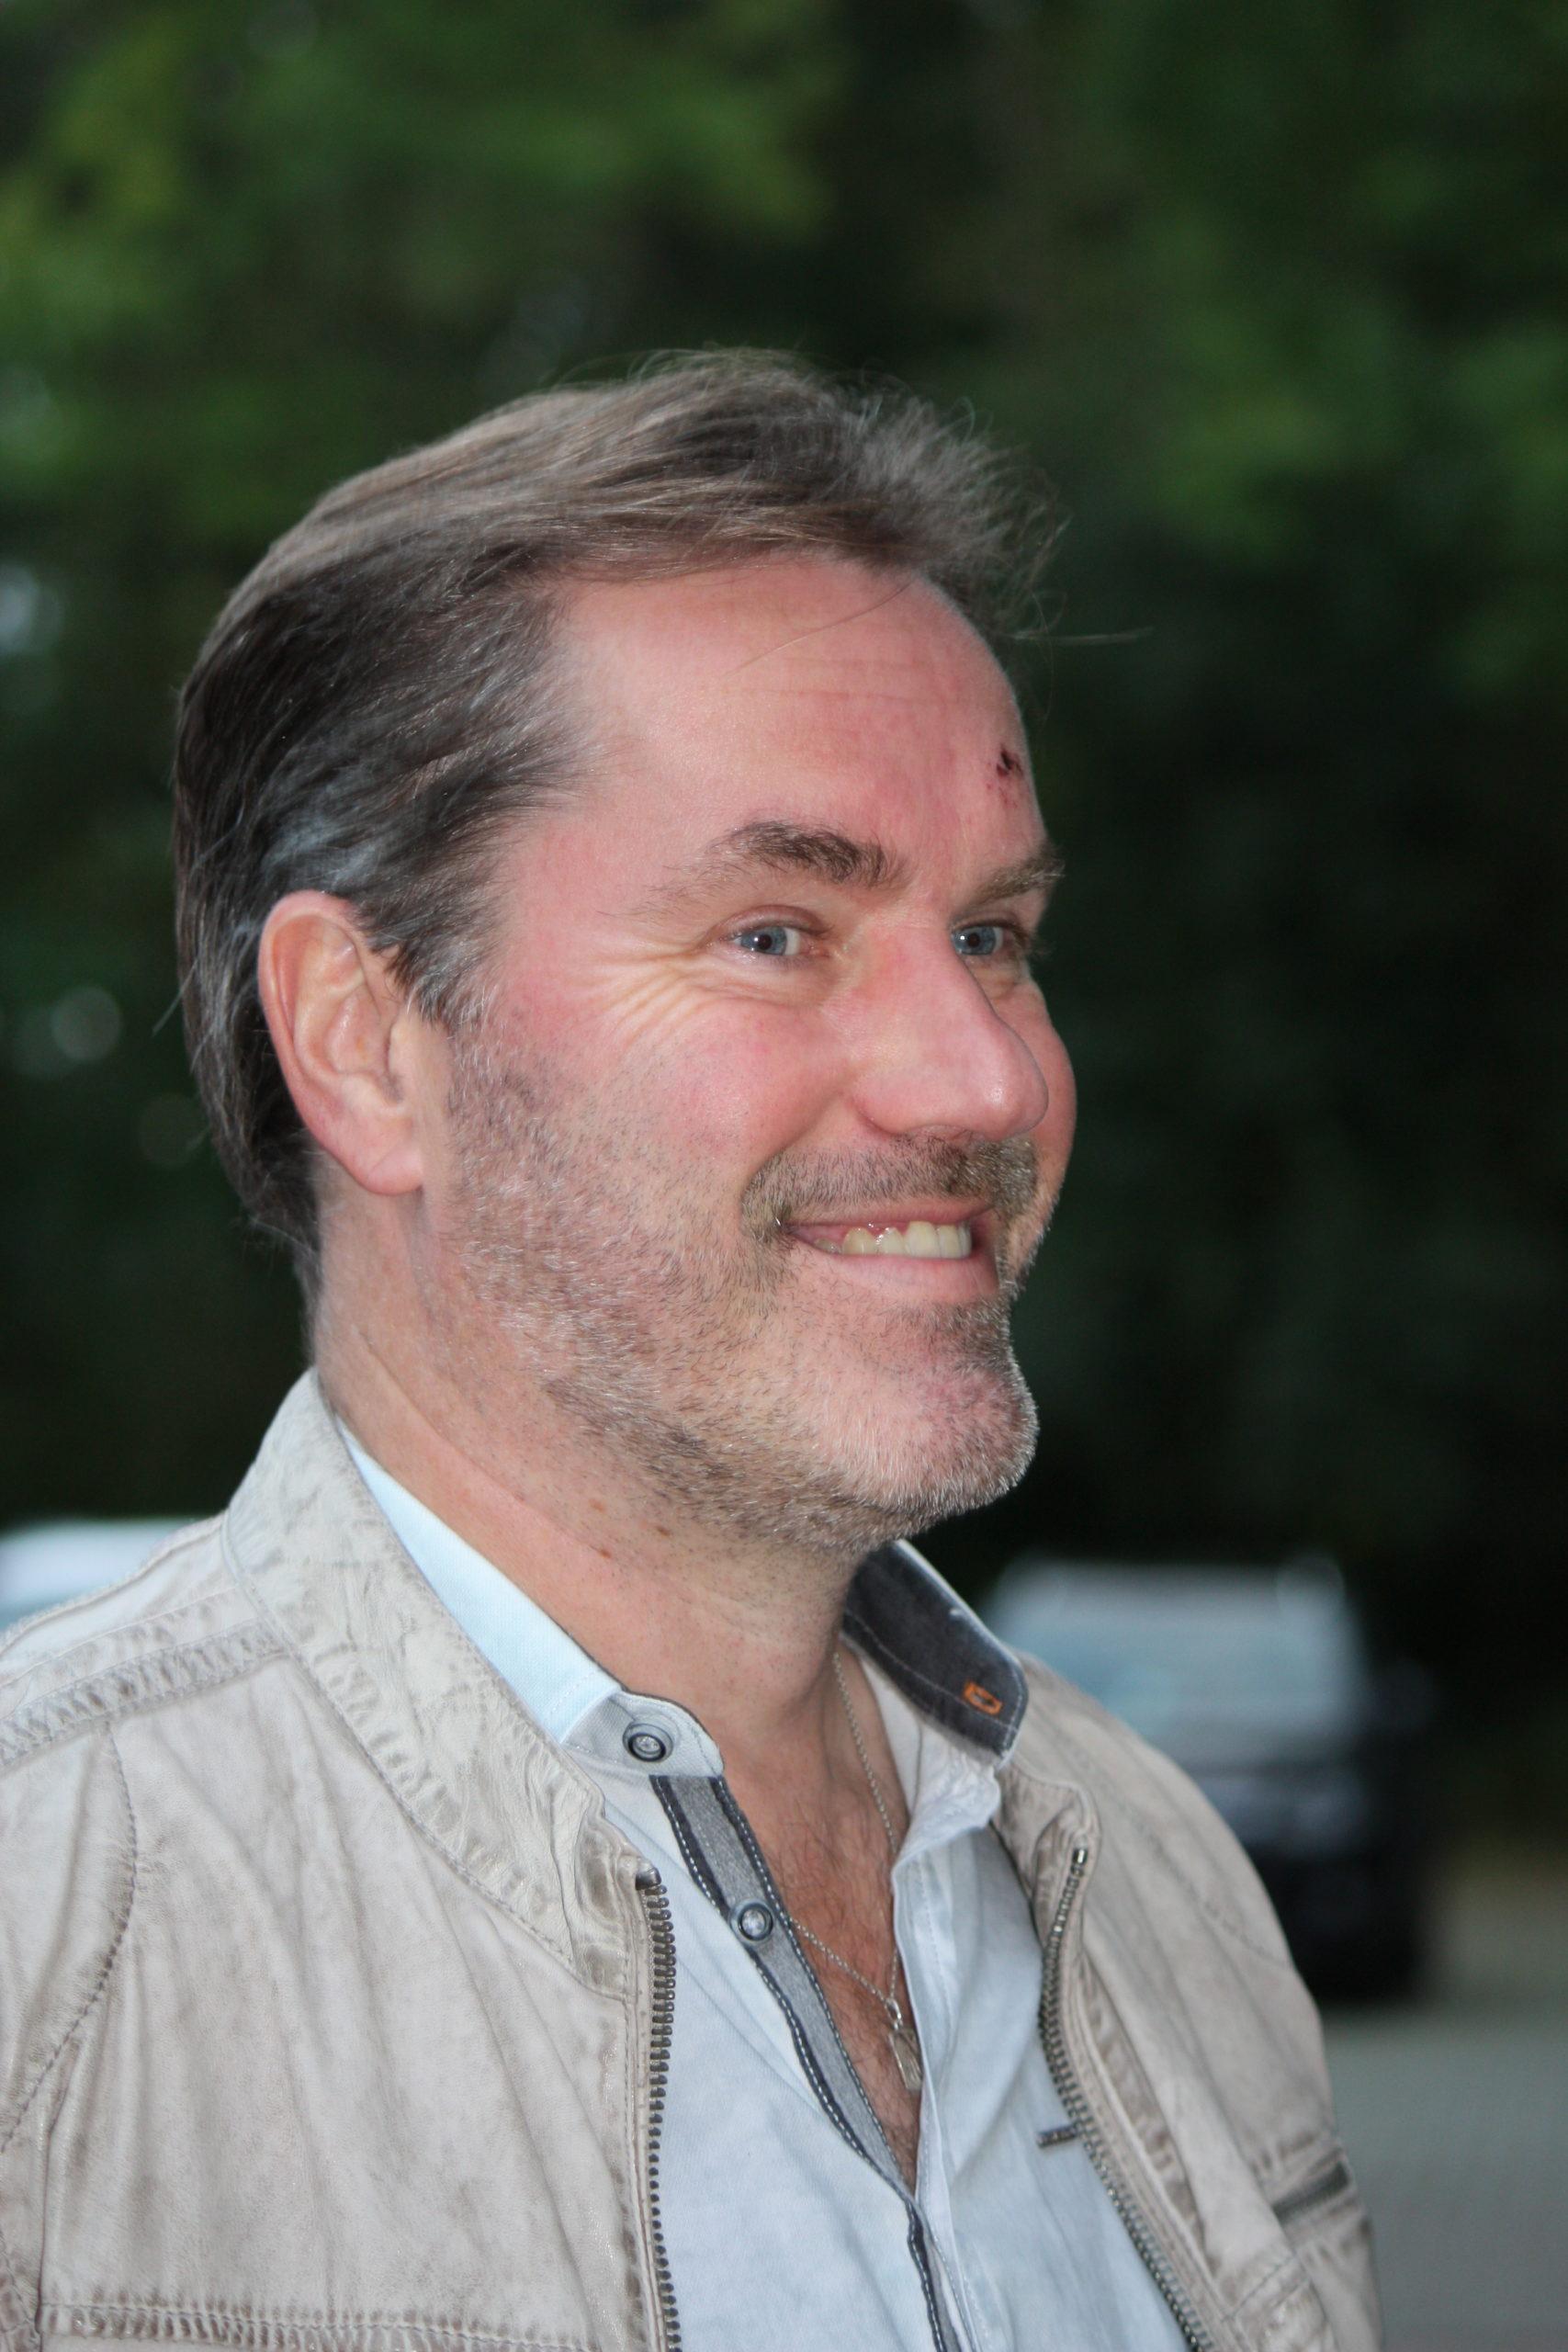 Glenn Schmittner